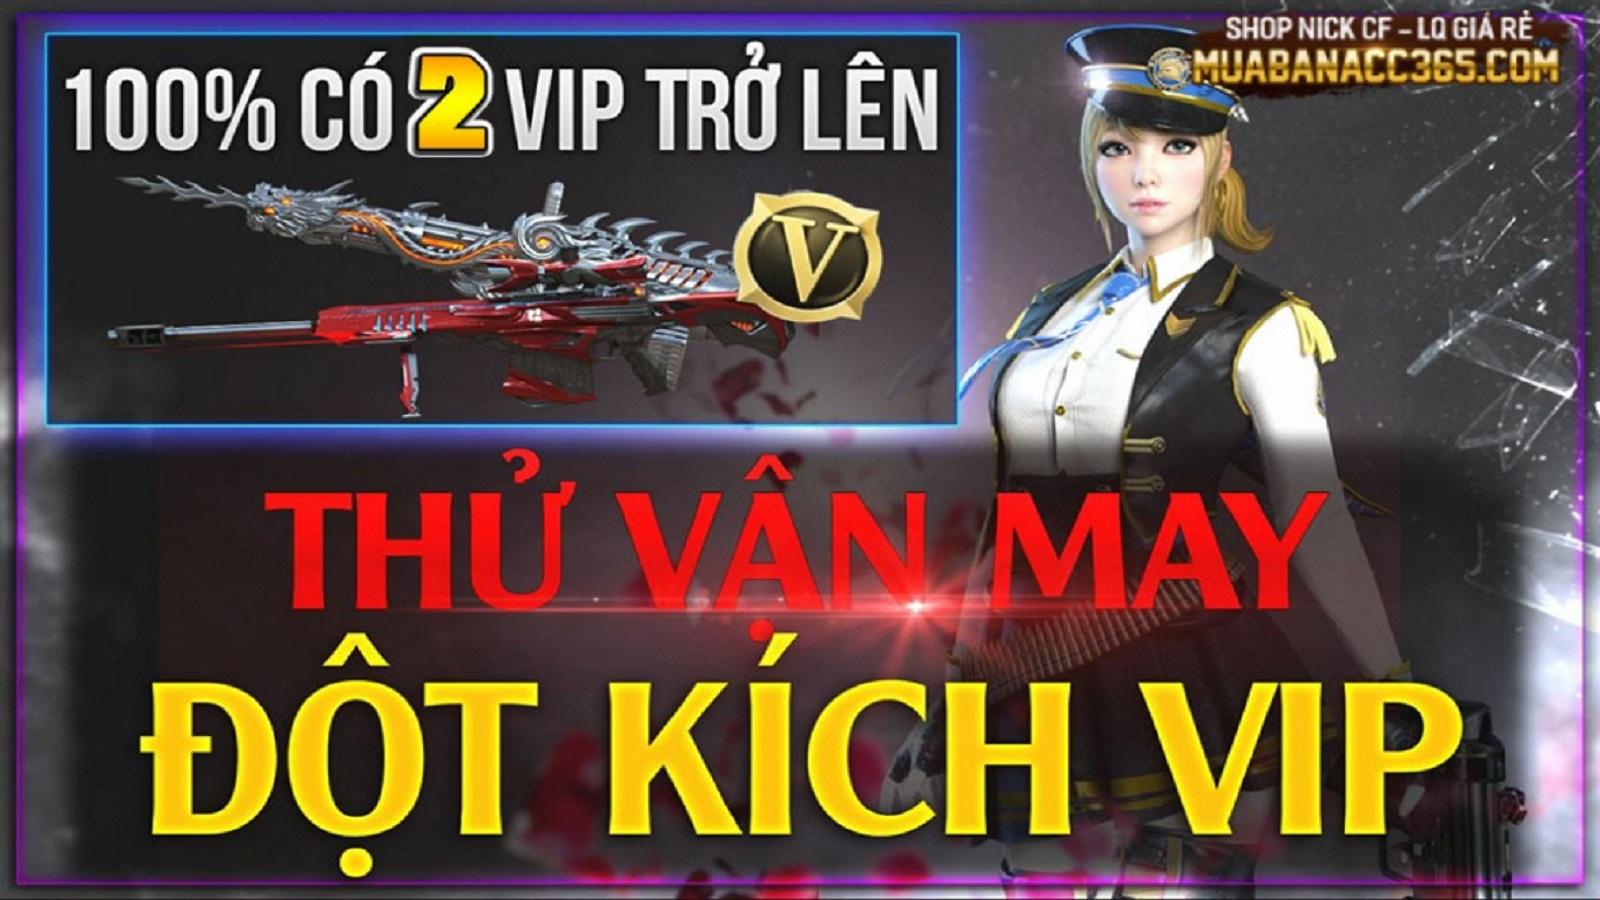 THỬ VẬN MAY ĐỘT KÍCH VIP 49K